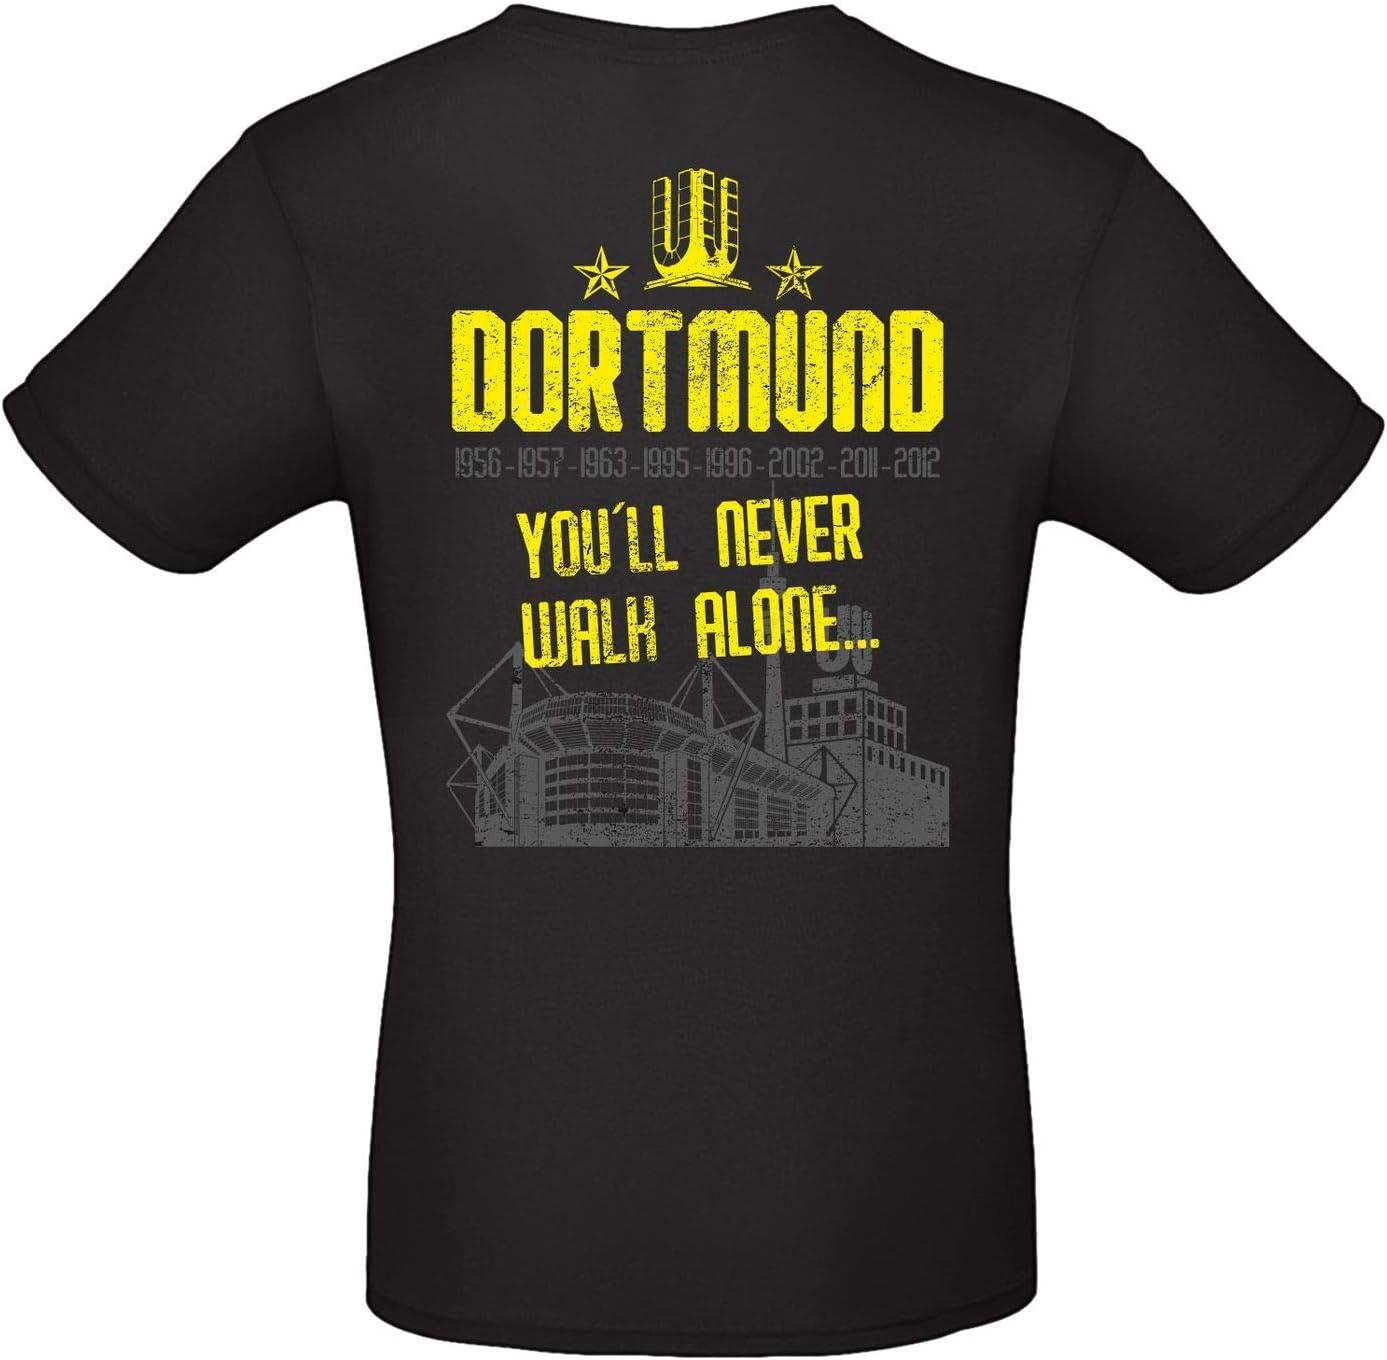 Alsino Herren T-Shirt Dortmund 3 Youll Never Walk Alone mit Jahreszahlen und Stadion aus Baumwolle